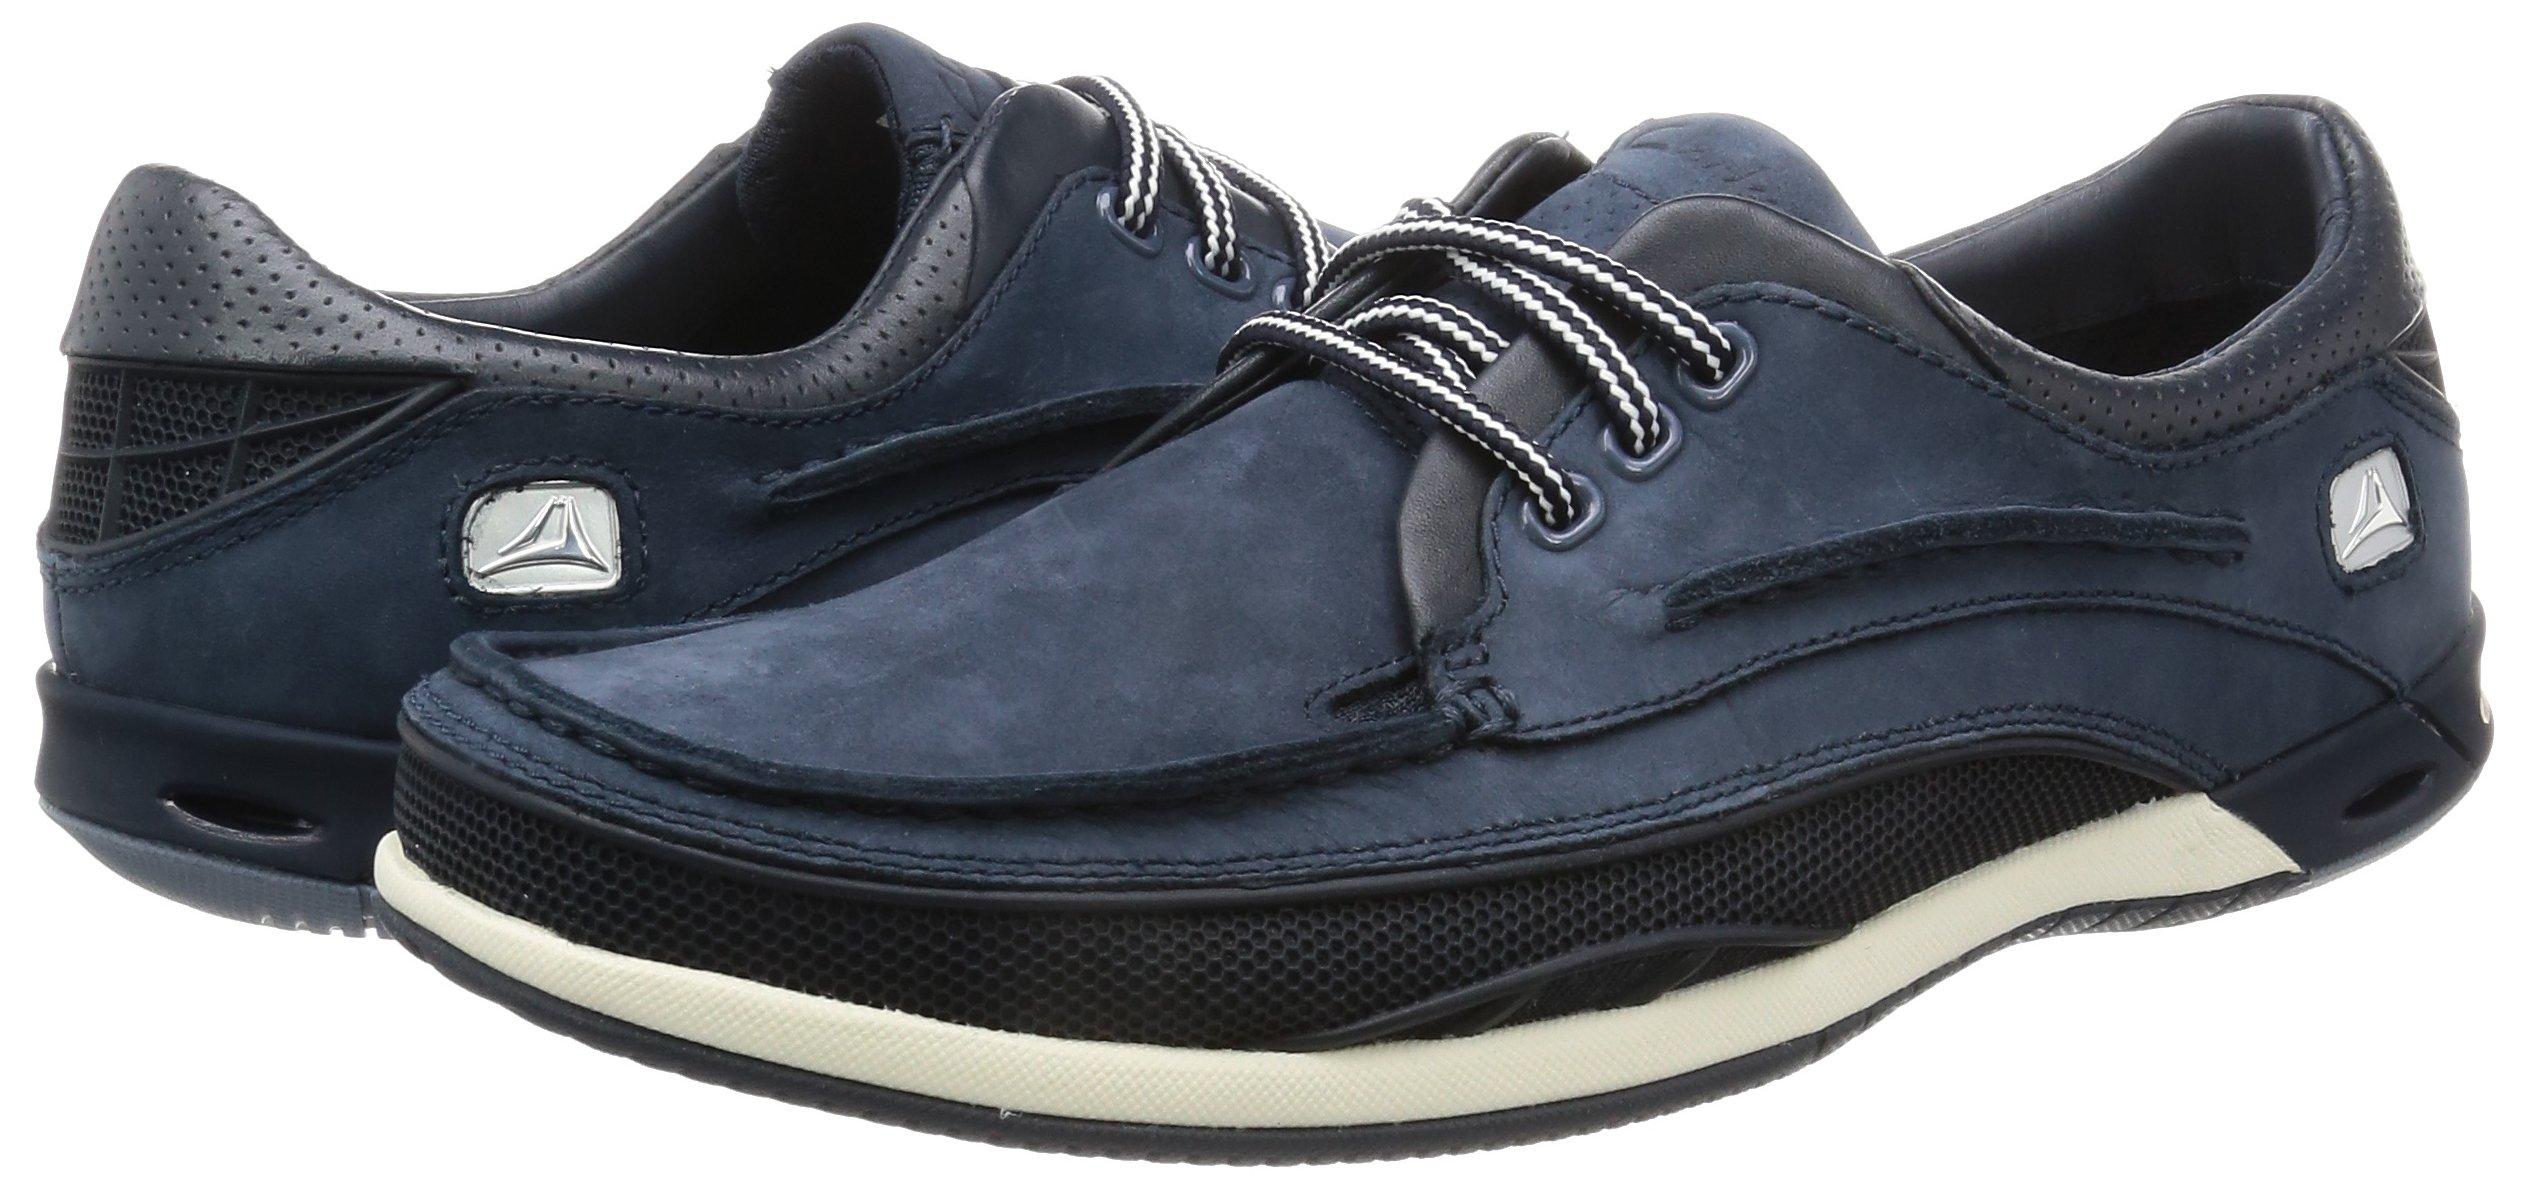 Clarks Men's Orson Lace Boat Shoes- Buy